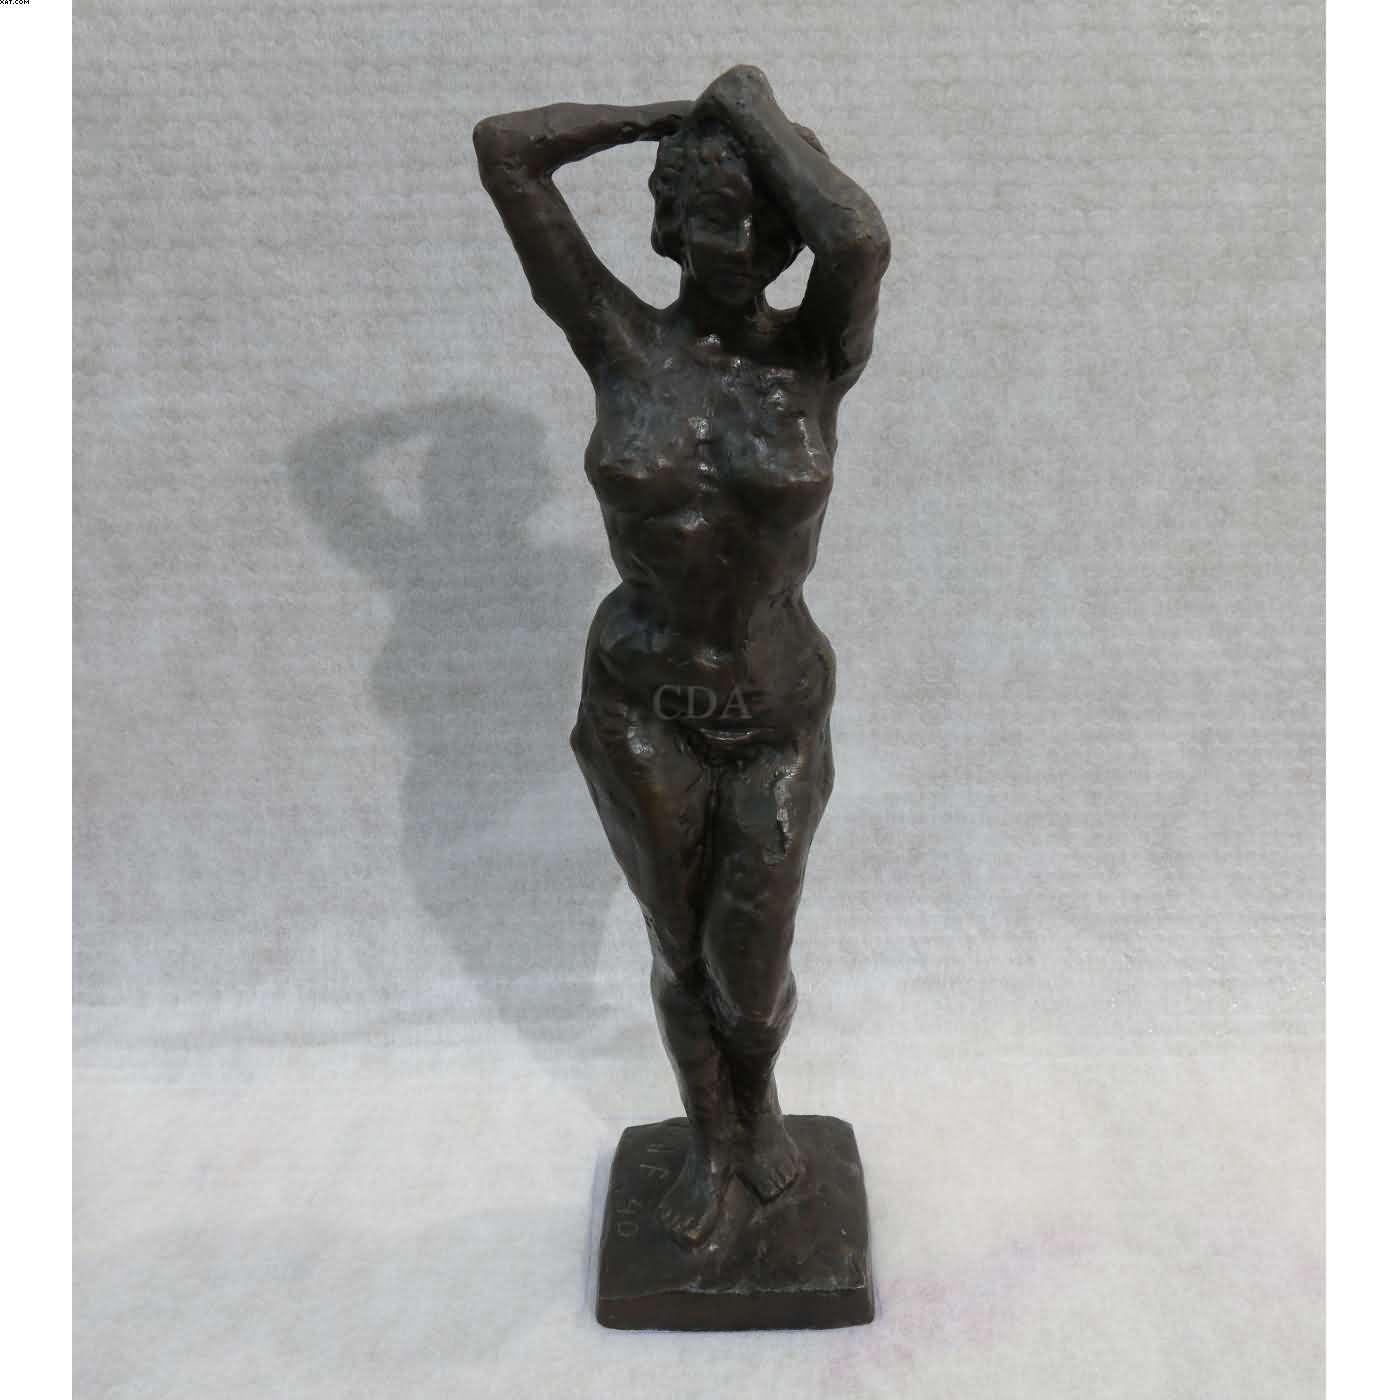 Vênus - Ernesto de Fiori